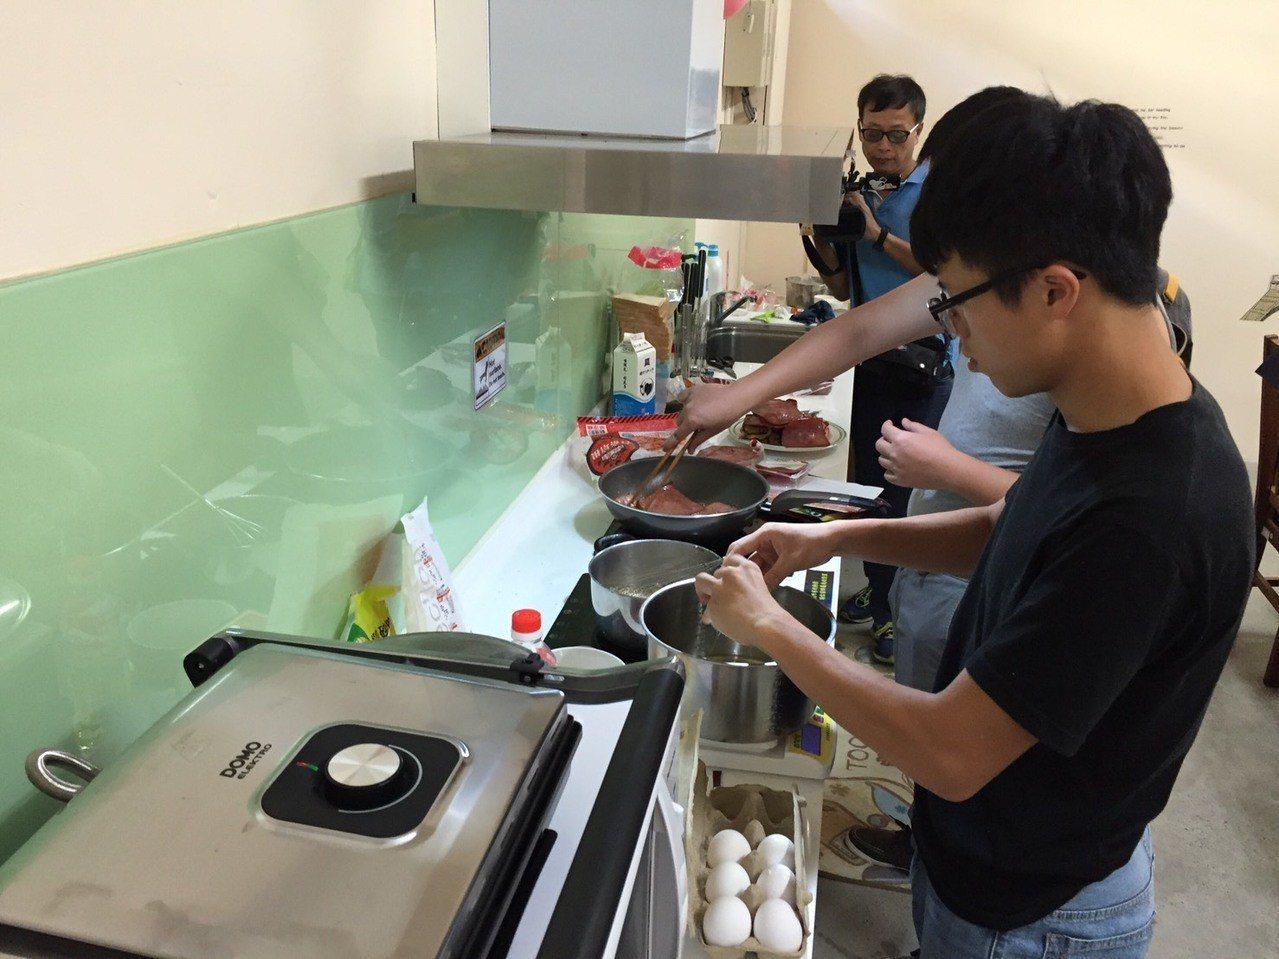 中興大學改造學生宿舍並設置小廚房,配有電熱爐、烤箱、微波爐,讓學生自煮共食,營造...